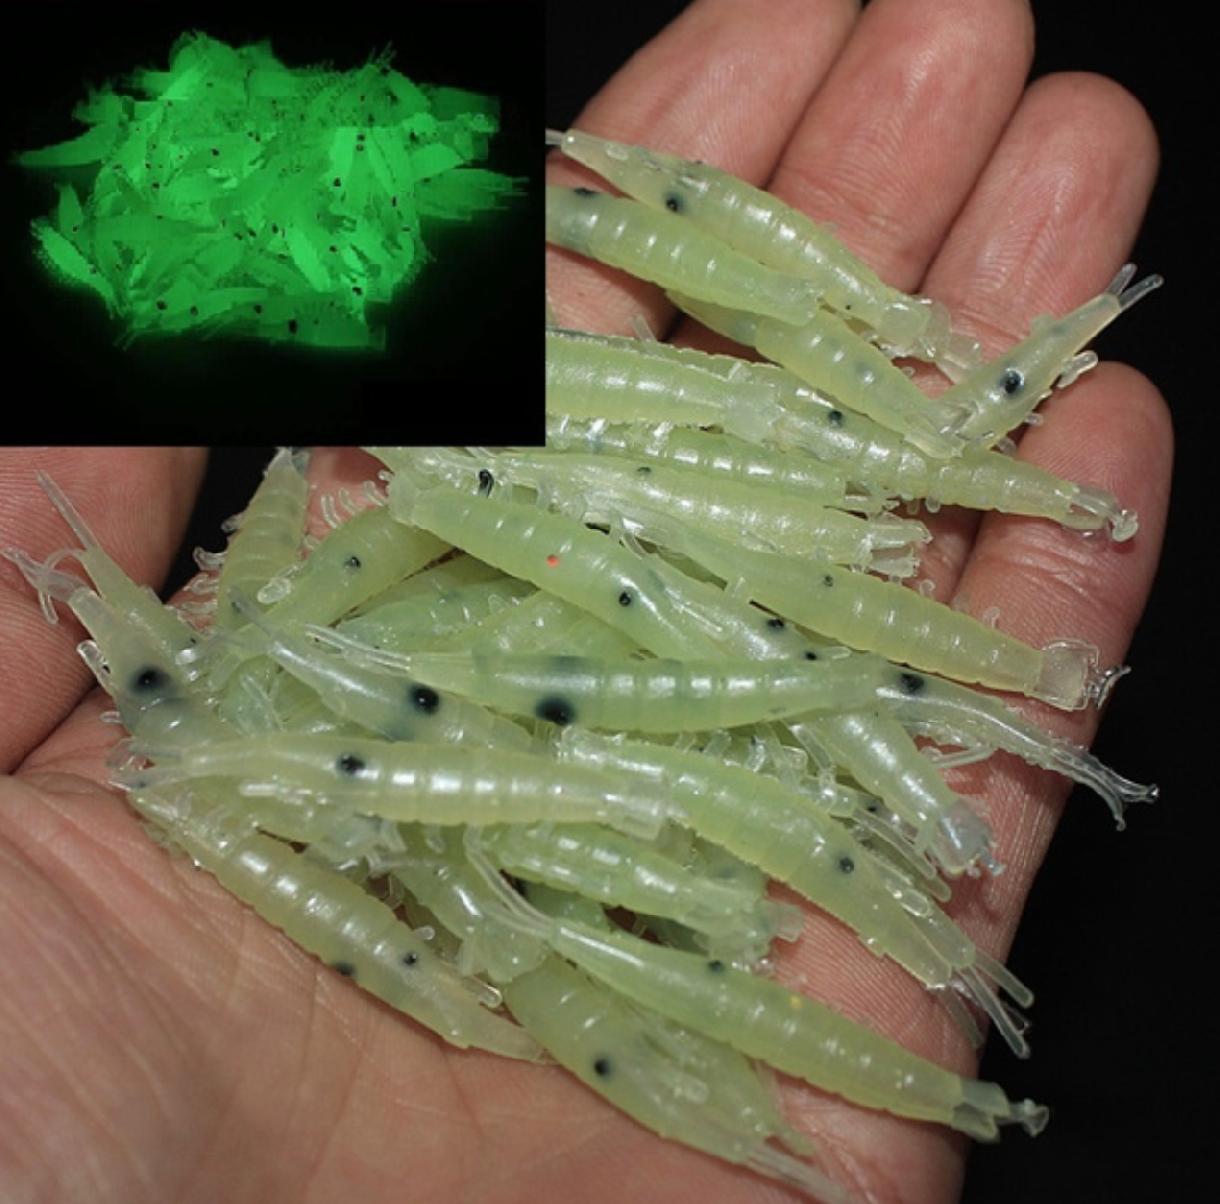 Rybářské návnady - měkké krevety svítící ve tmě